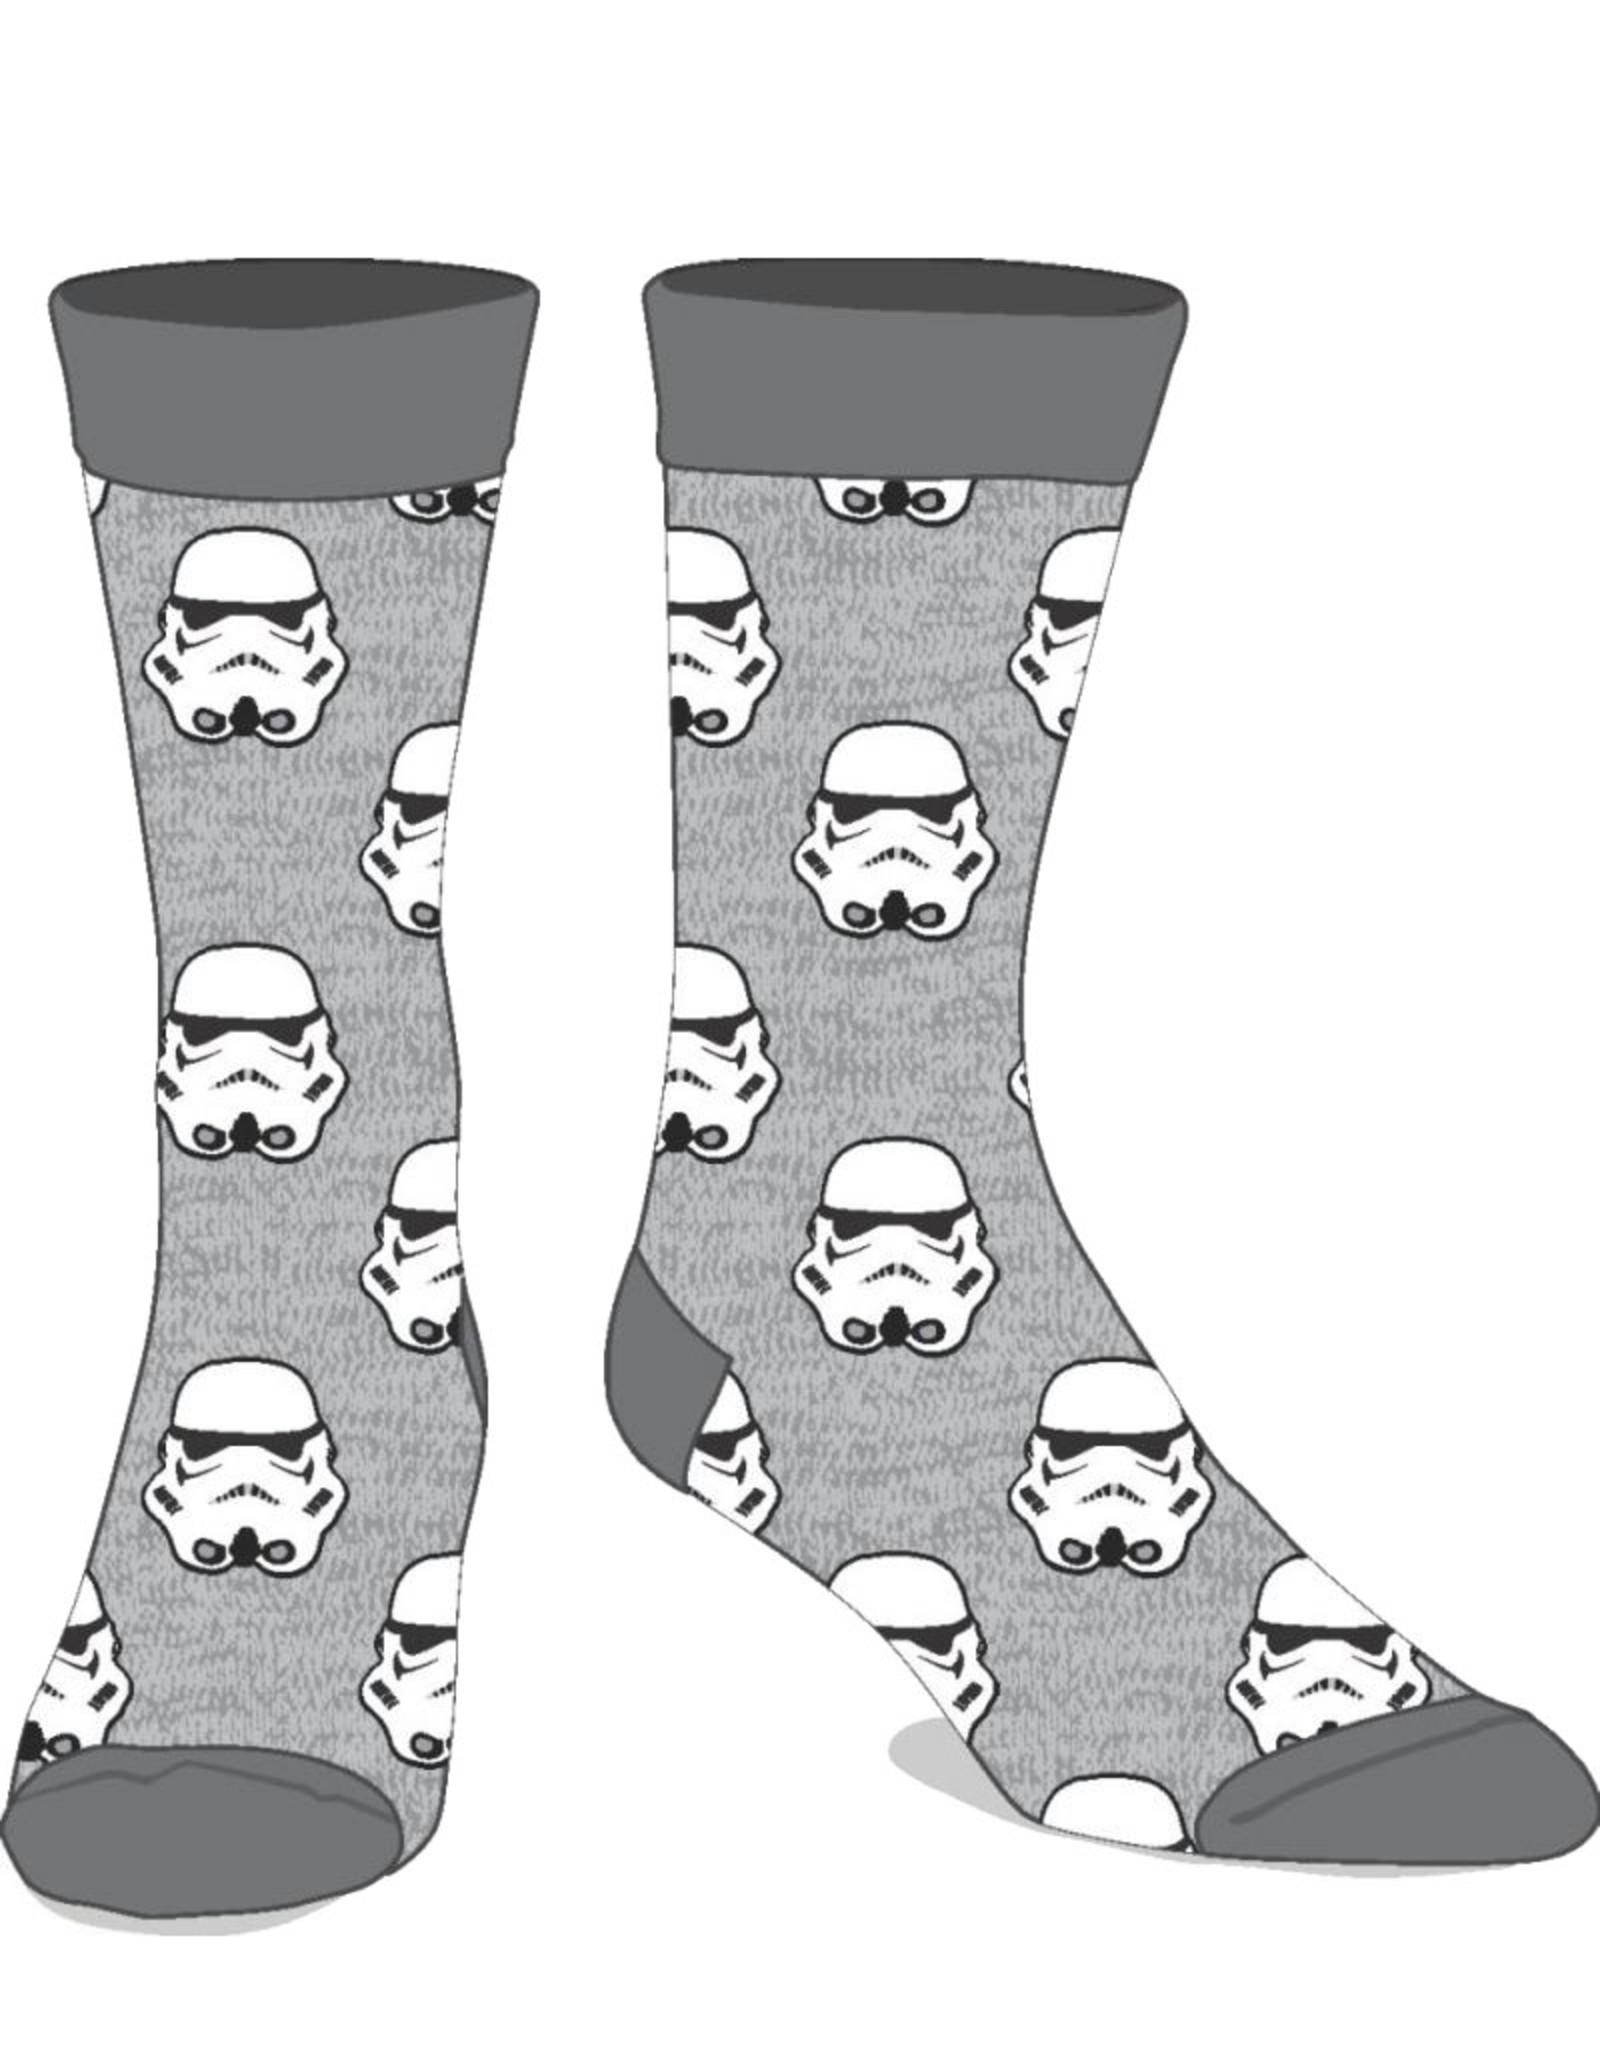 Star Wars Star Wars ( Socks ) Stormtroopers